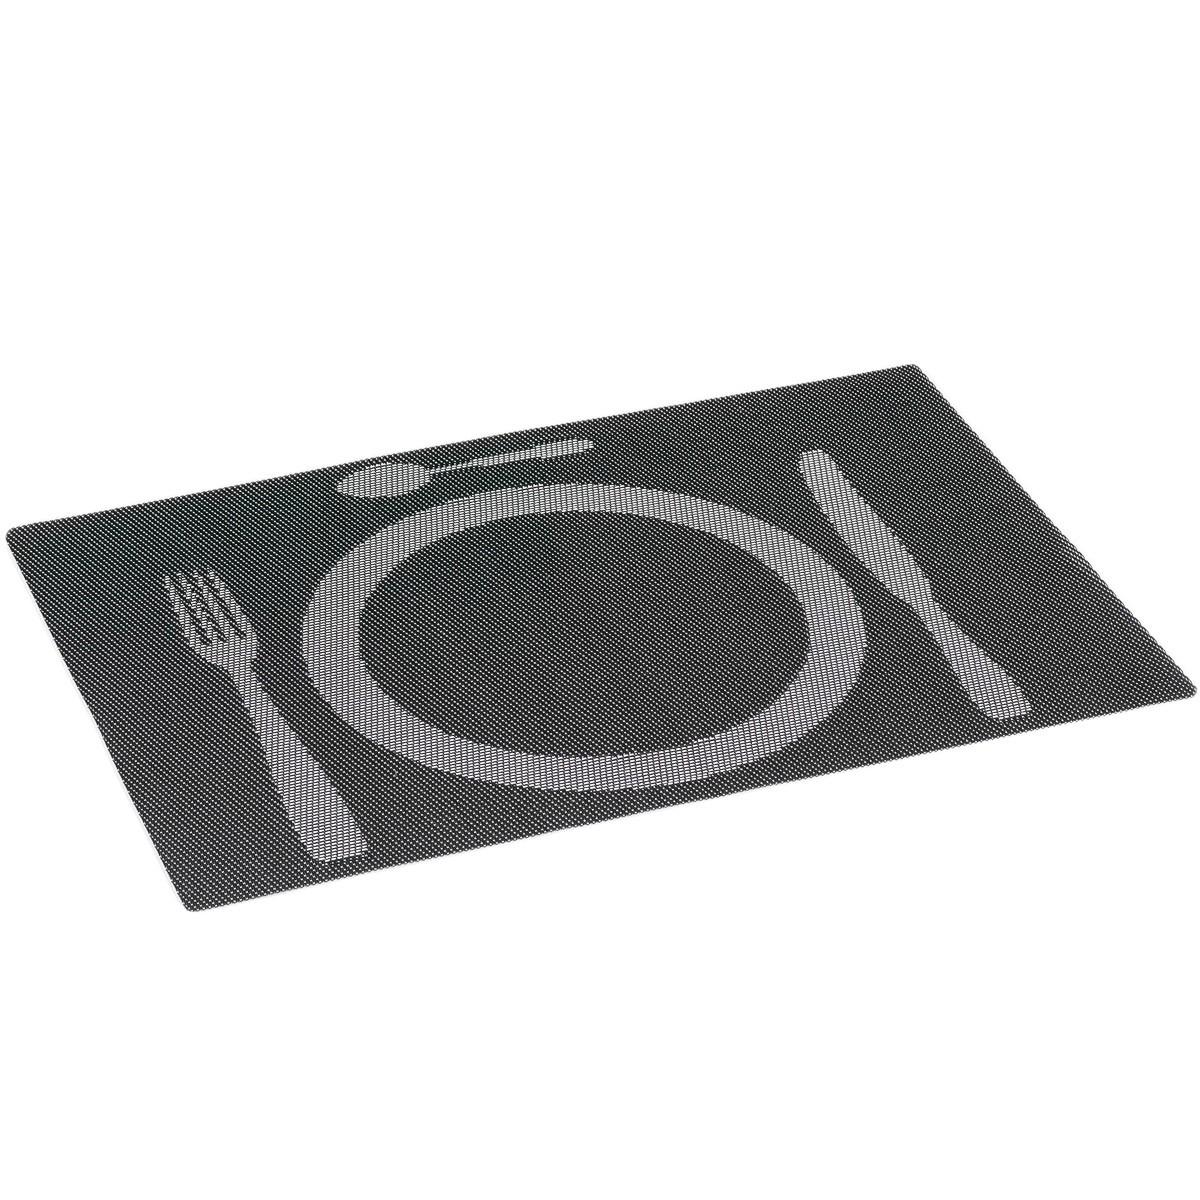 Σουπλά Dejeuner Noir/Blanc 1790226